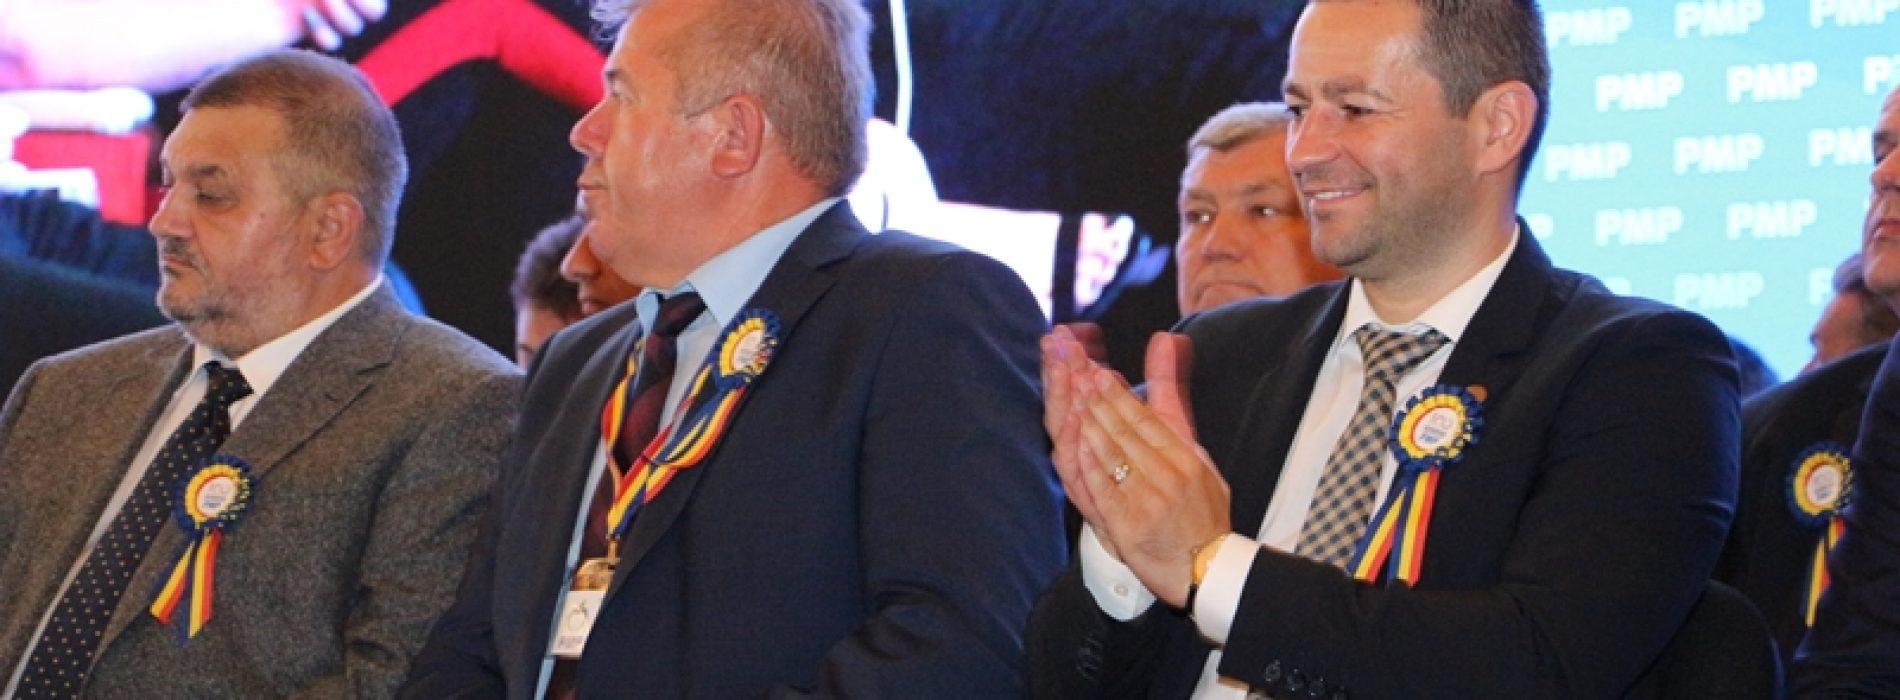 """DEMISIA lui Dragnea. Deputatul Adrian Todoran (PMP): """"Dragnea când vrea să-și scoată batista, scoate o sentință de condamnare!"""""""